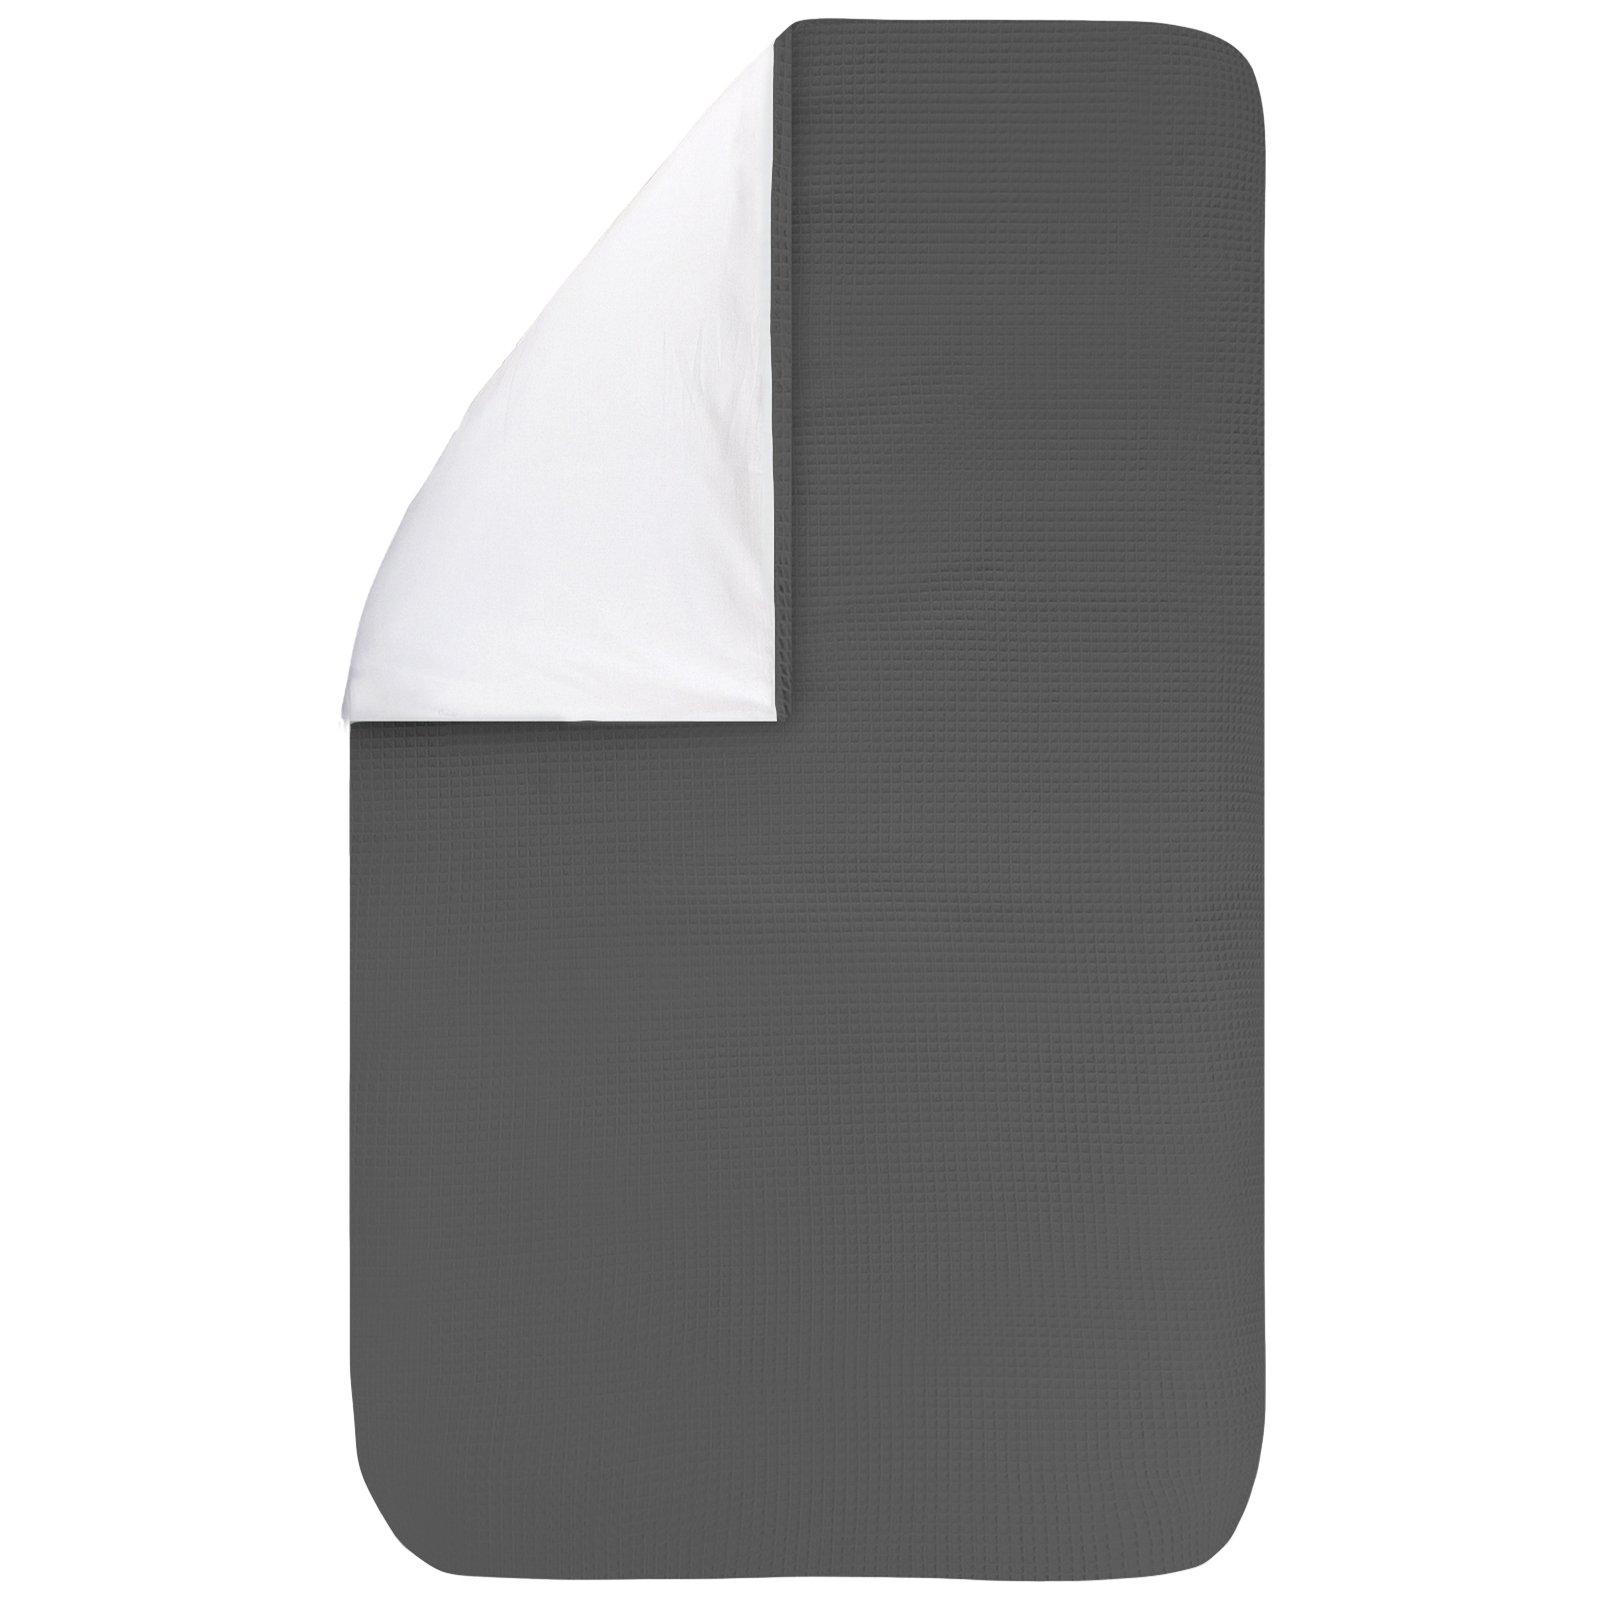 Dekbedovertrek Pique antra 100x135, een fijn dekbedovertrek van zachte antracietgrijze wafelkatoen. Goed te combineren met BINK printjes.